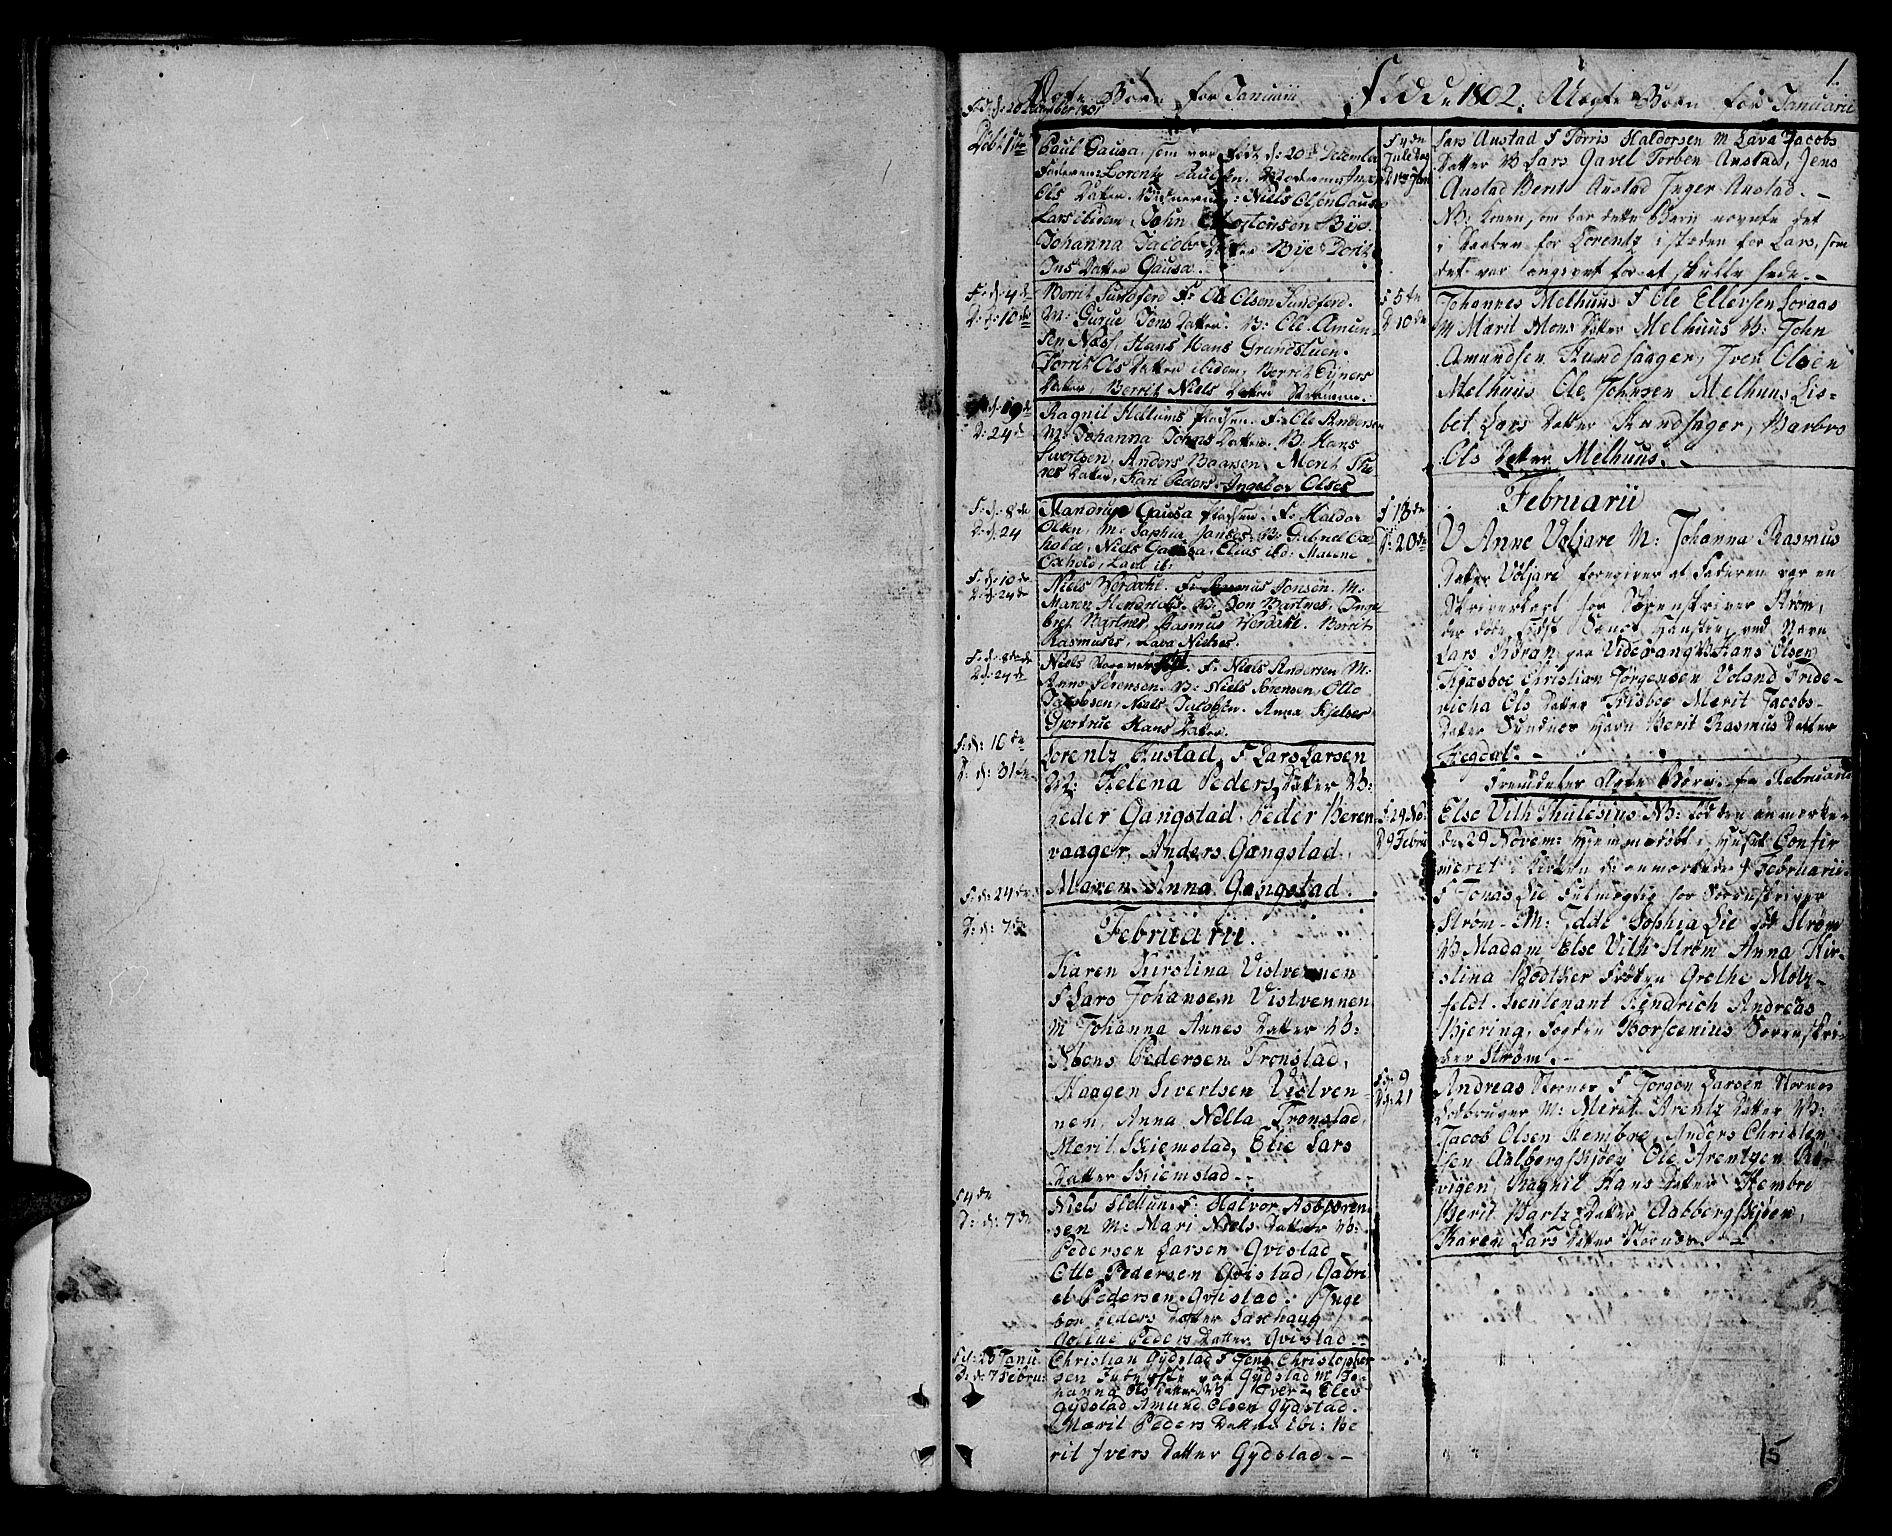 SAT, Ministerialprotokoller, klokkerbøker og fødselsregistre - Nord-Trøndelag, 730/L0274: Ministerialbok nr. 730A03, 1802-1816, s. 0-1